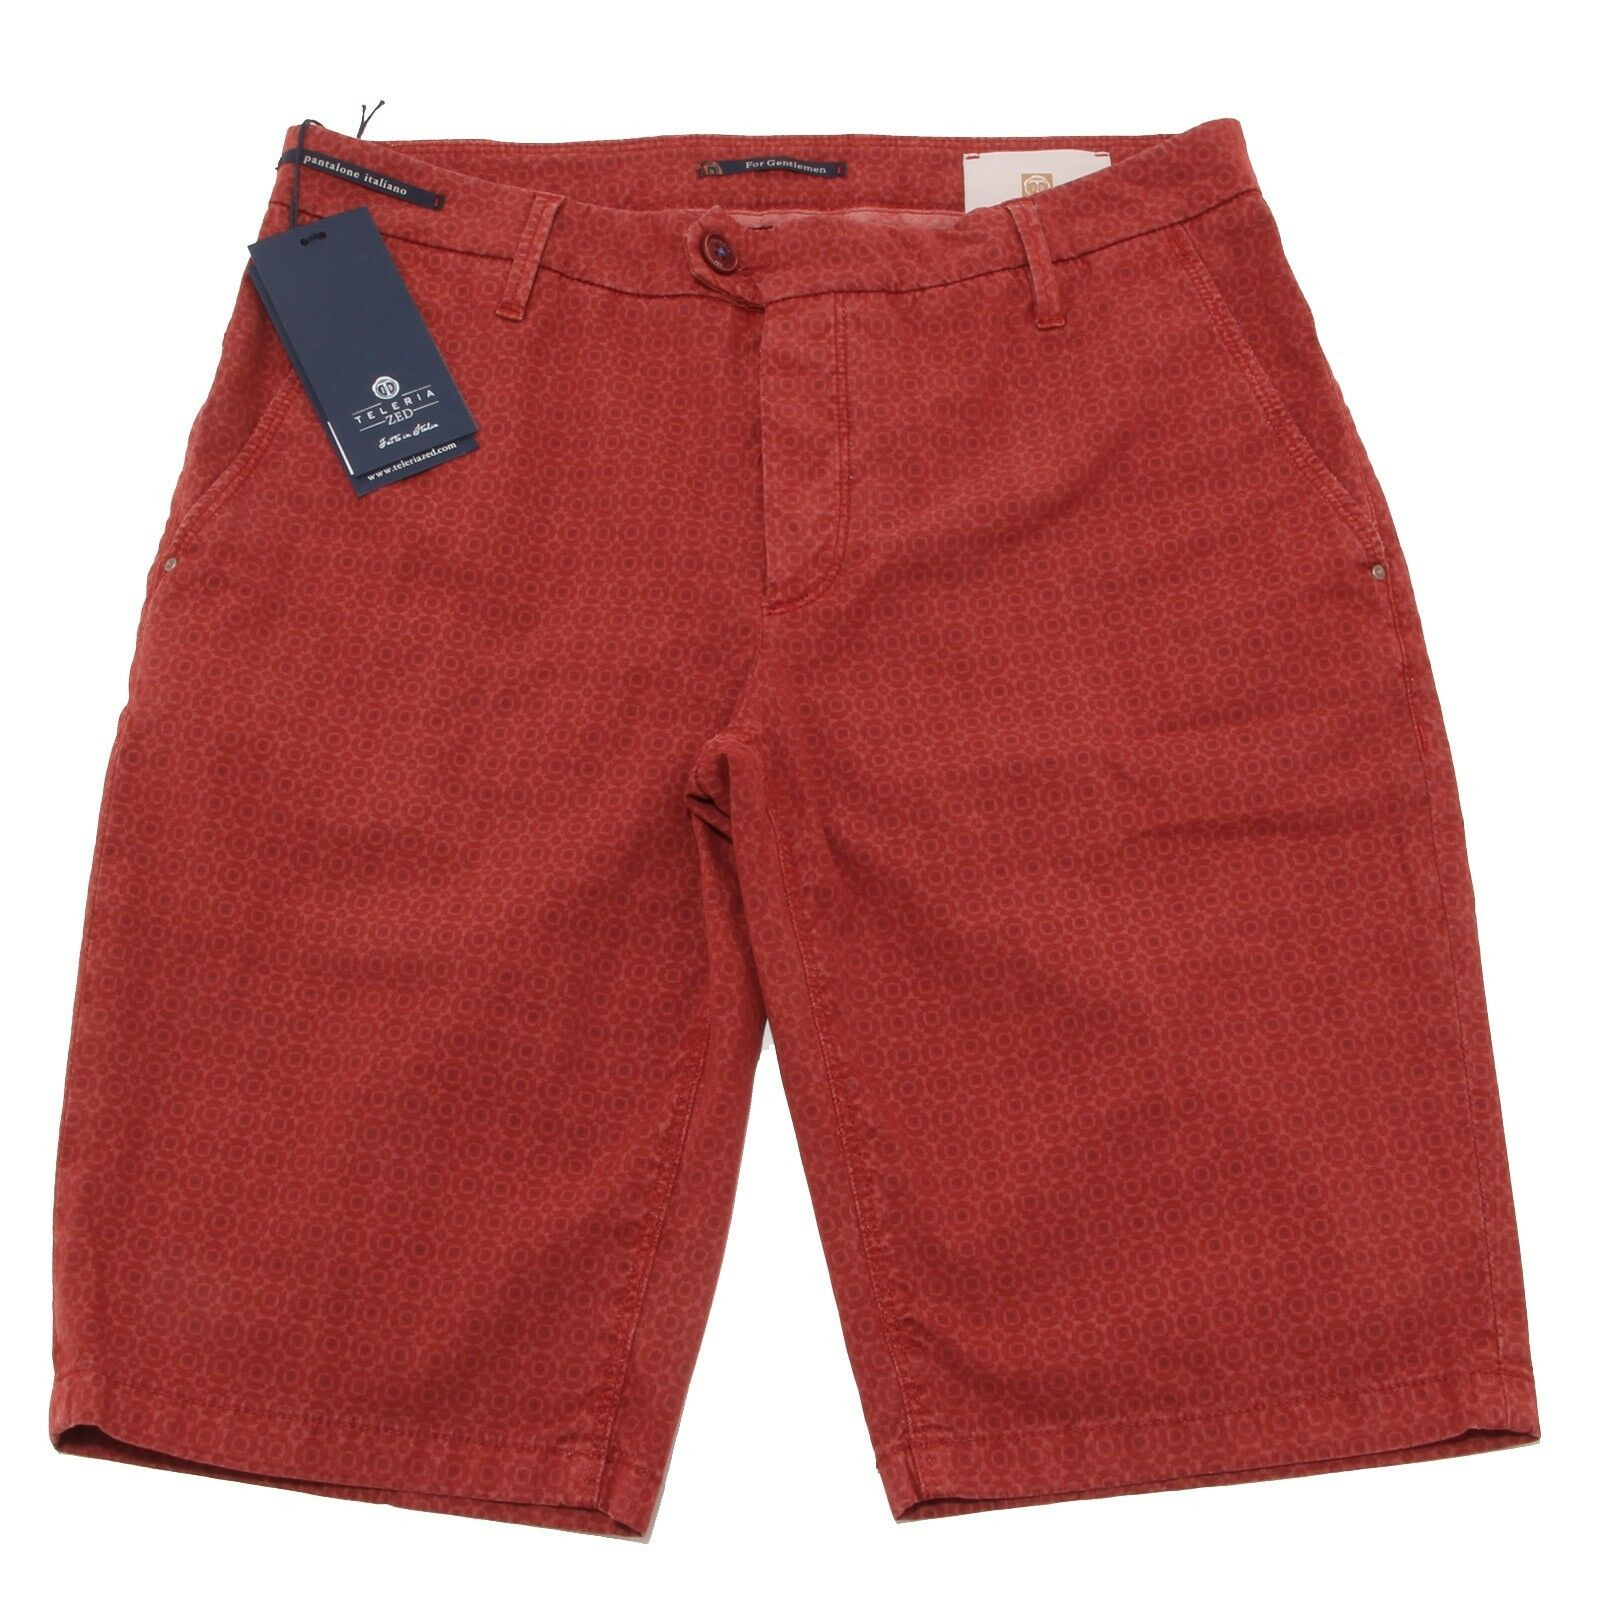 3747P bermuda mattone TELERIA ZED pantaloni uomo shorts men